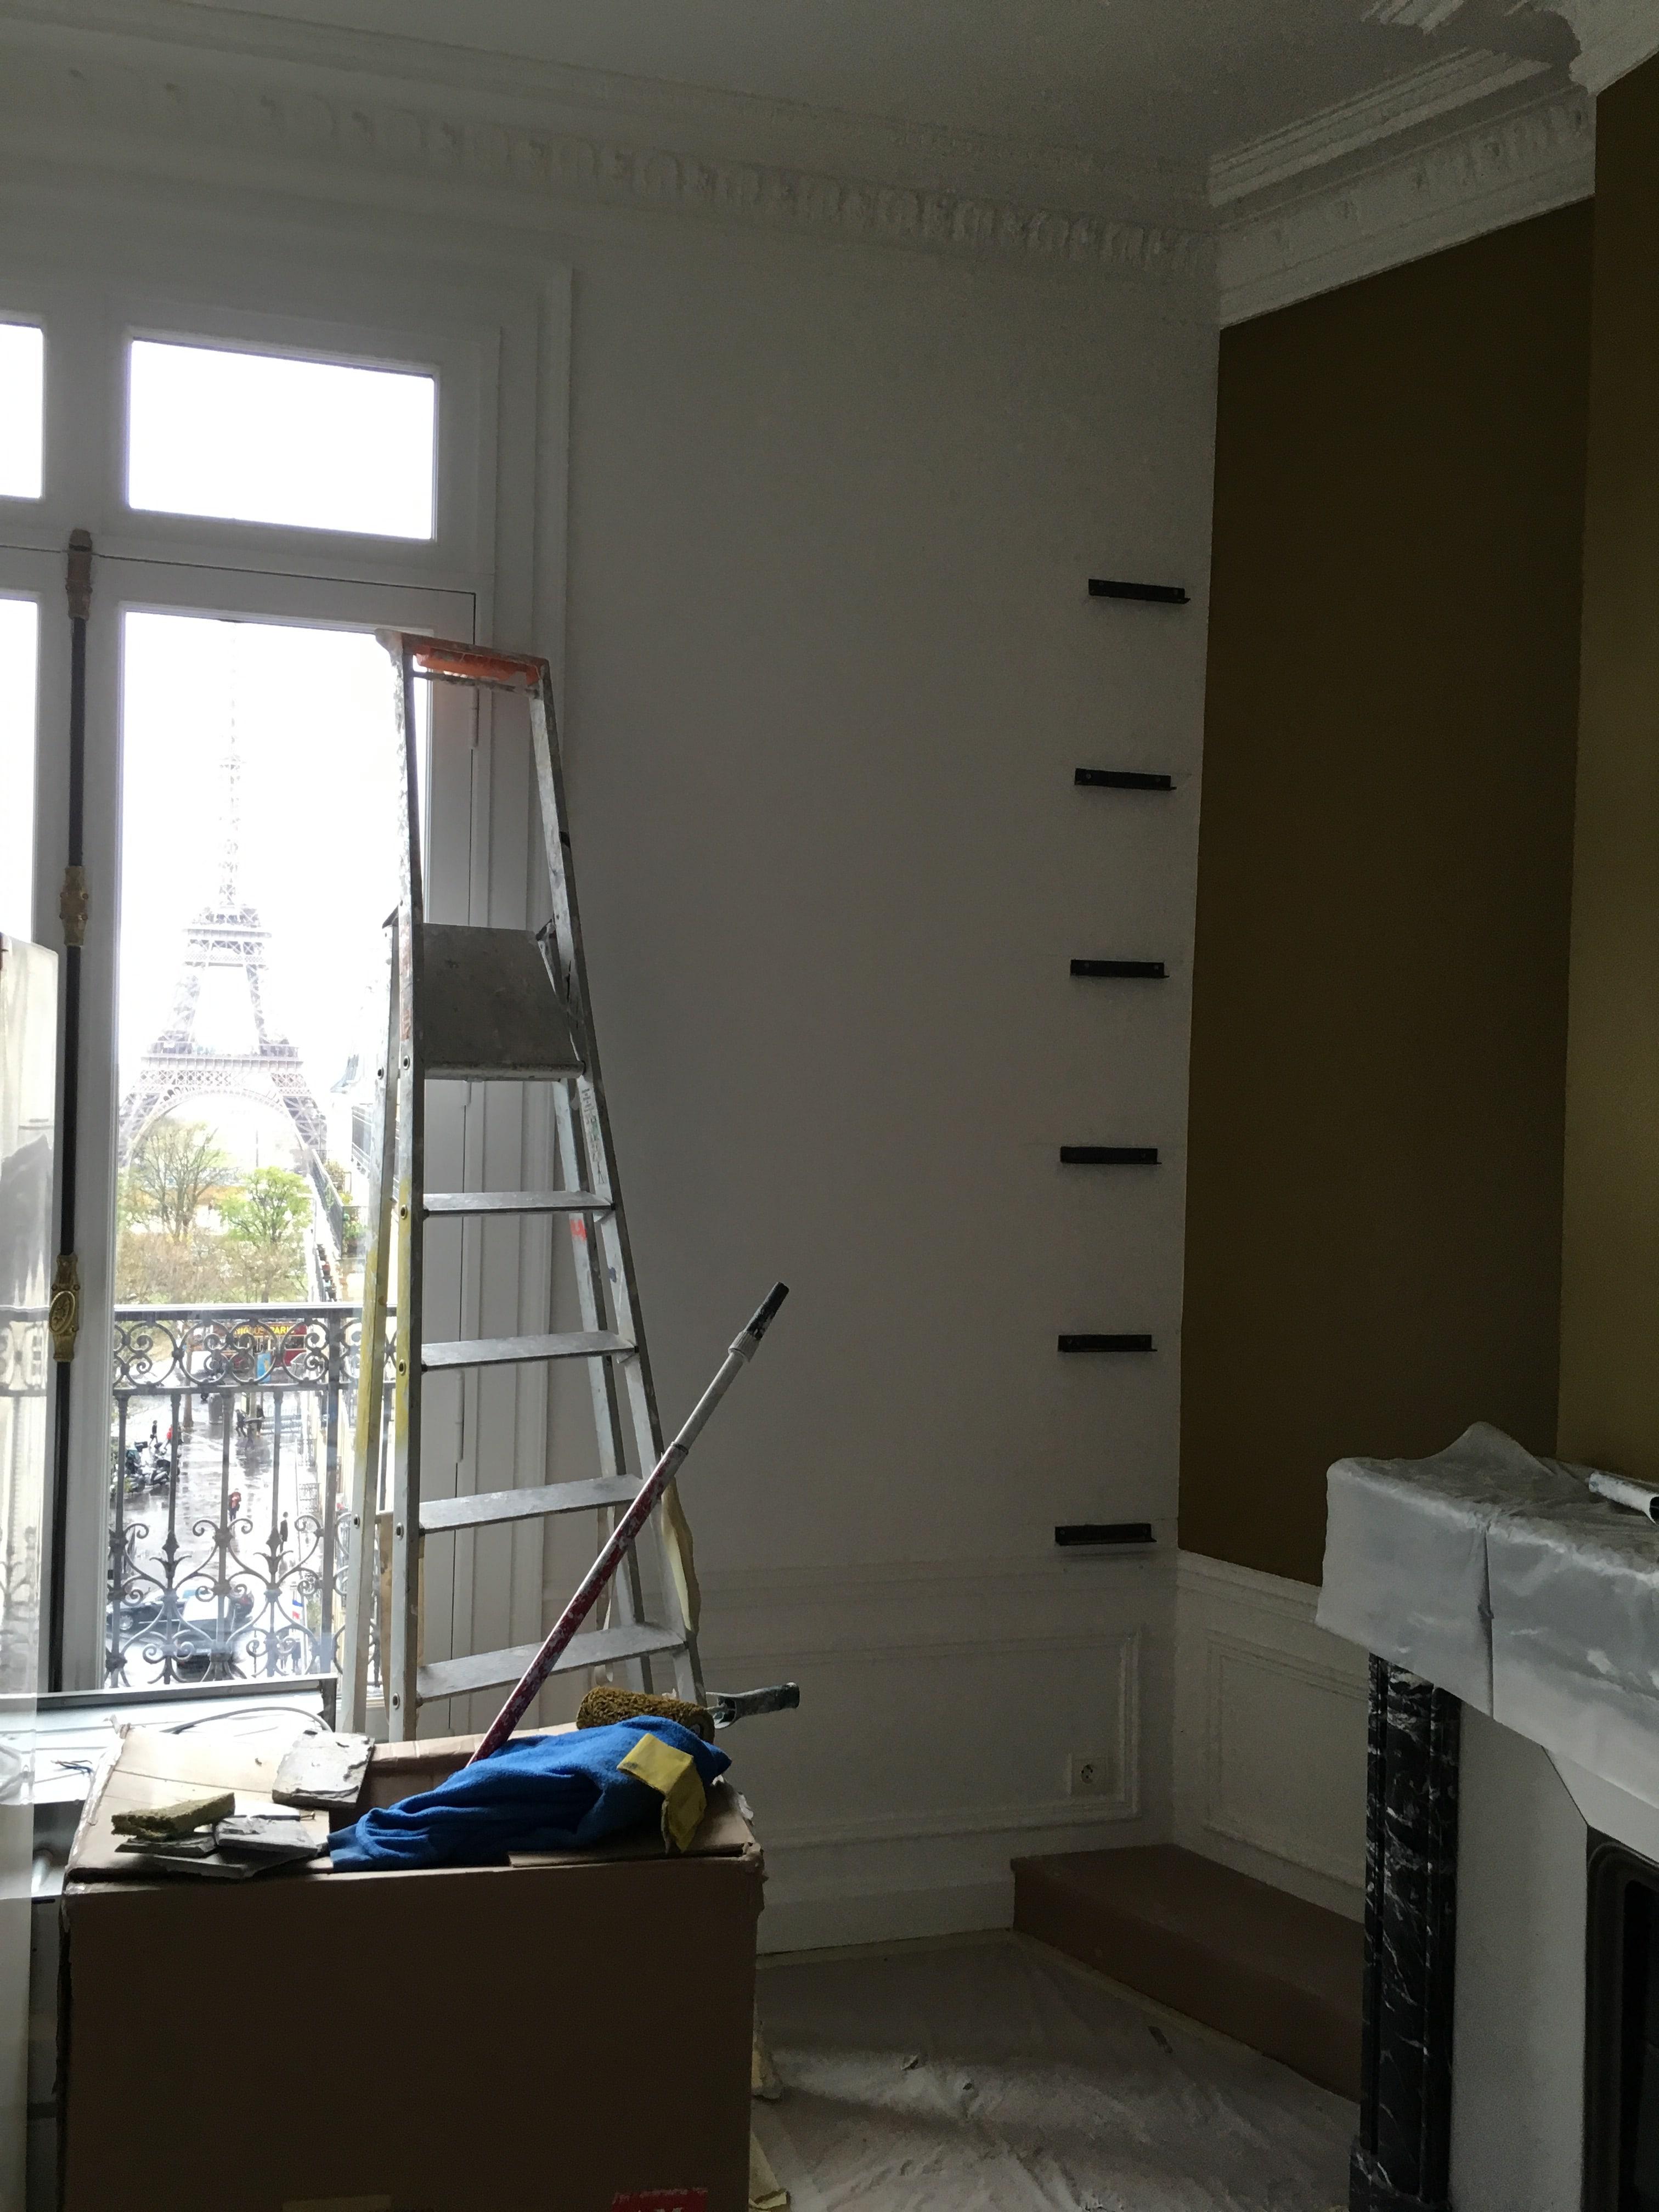 entreprise-texas-batiment-travaux-peinture-paris-maghawry-rge (5)-min